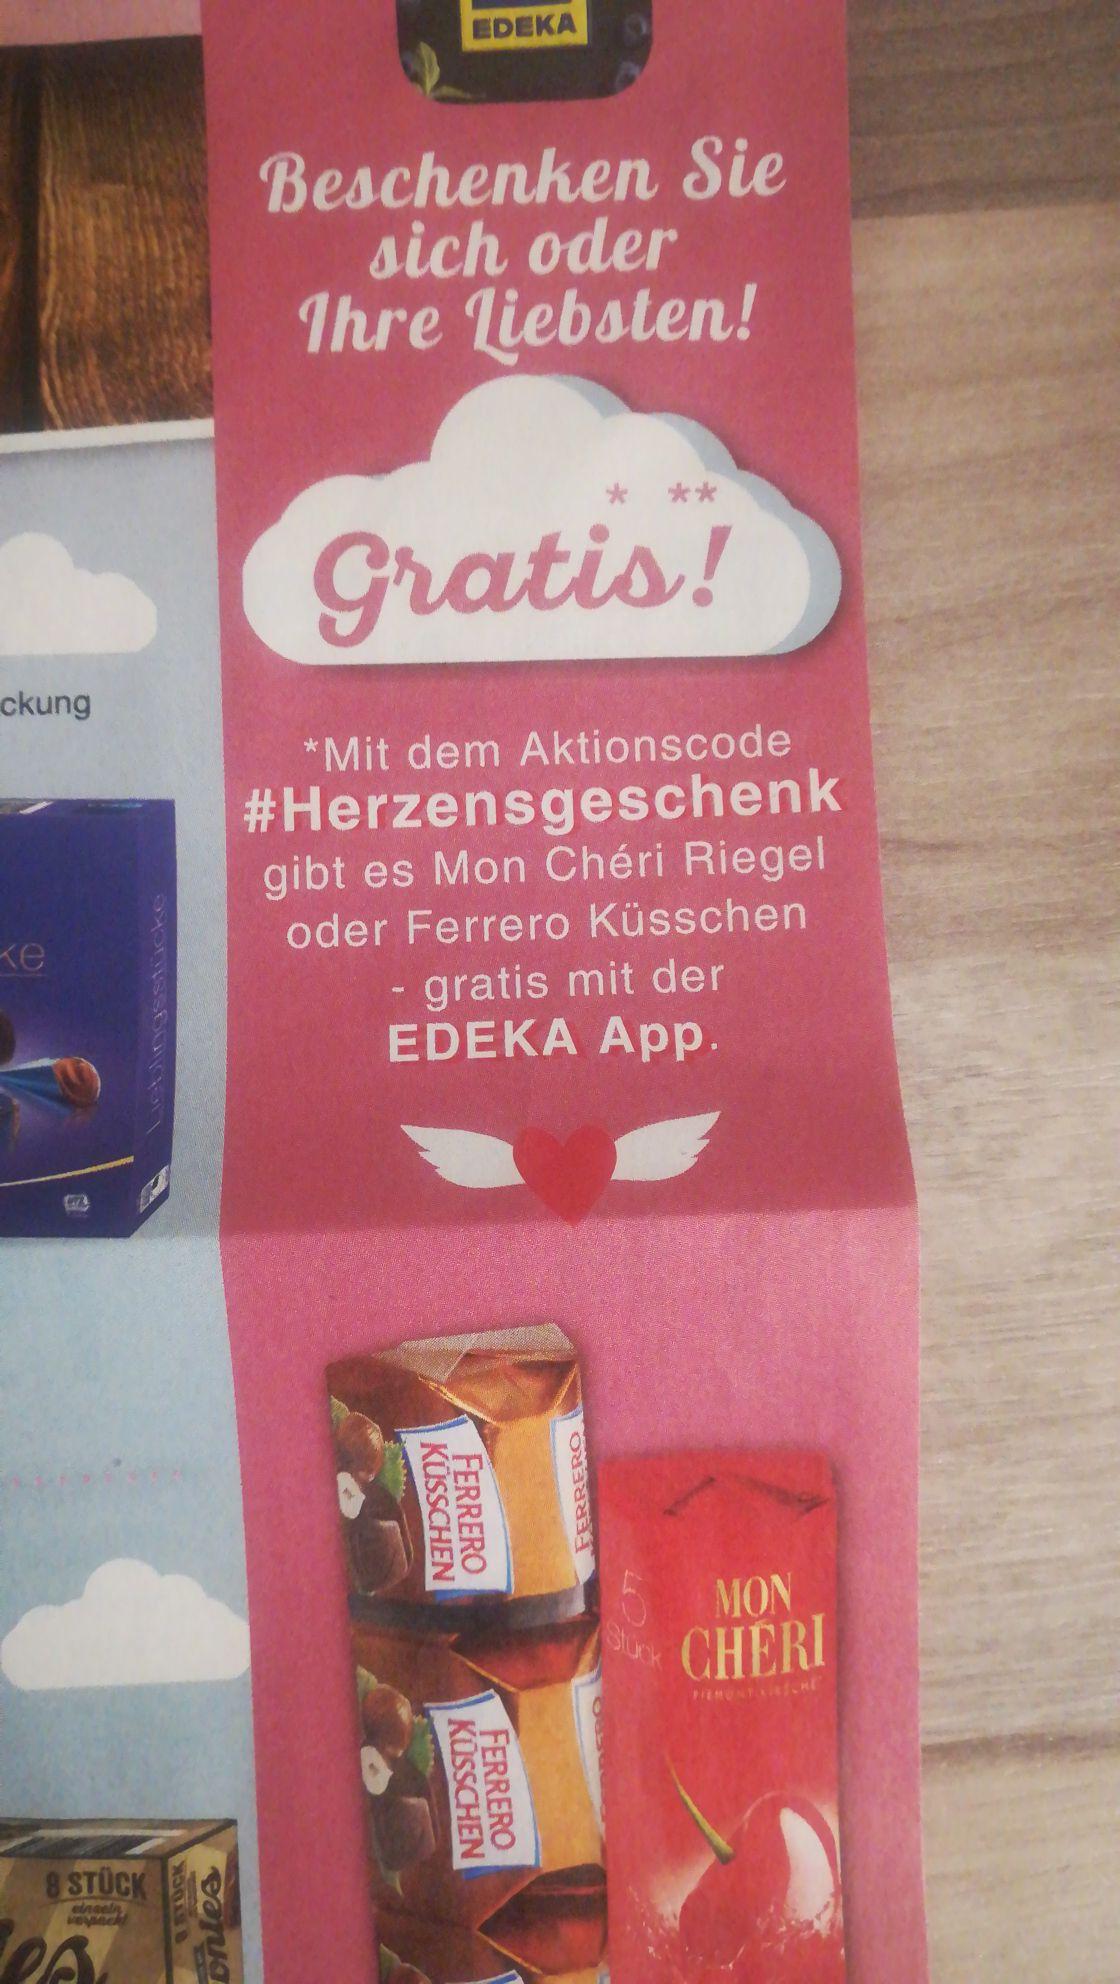 Ferro Küsschen oder Moncherie - Edeka Genuss+ App MBW 5€